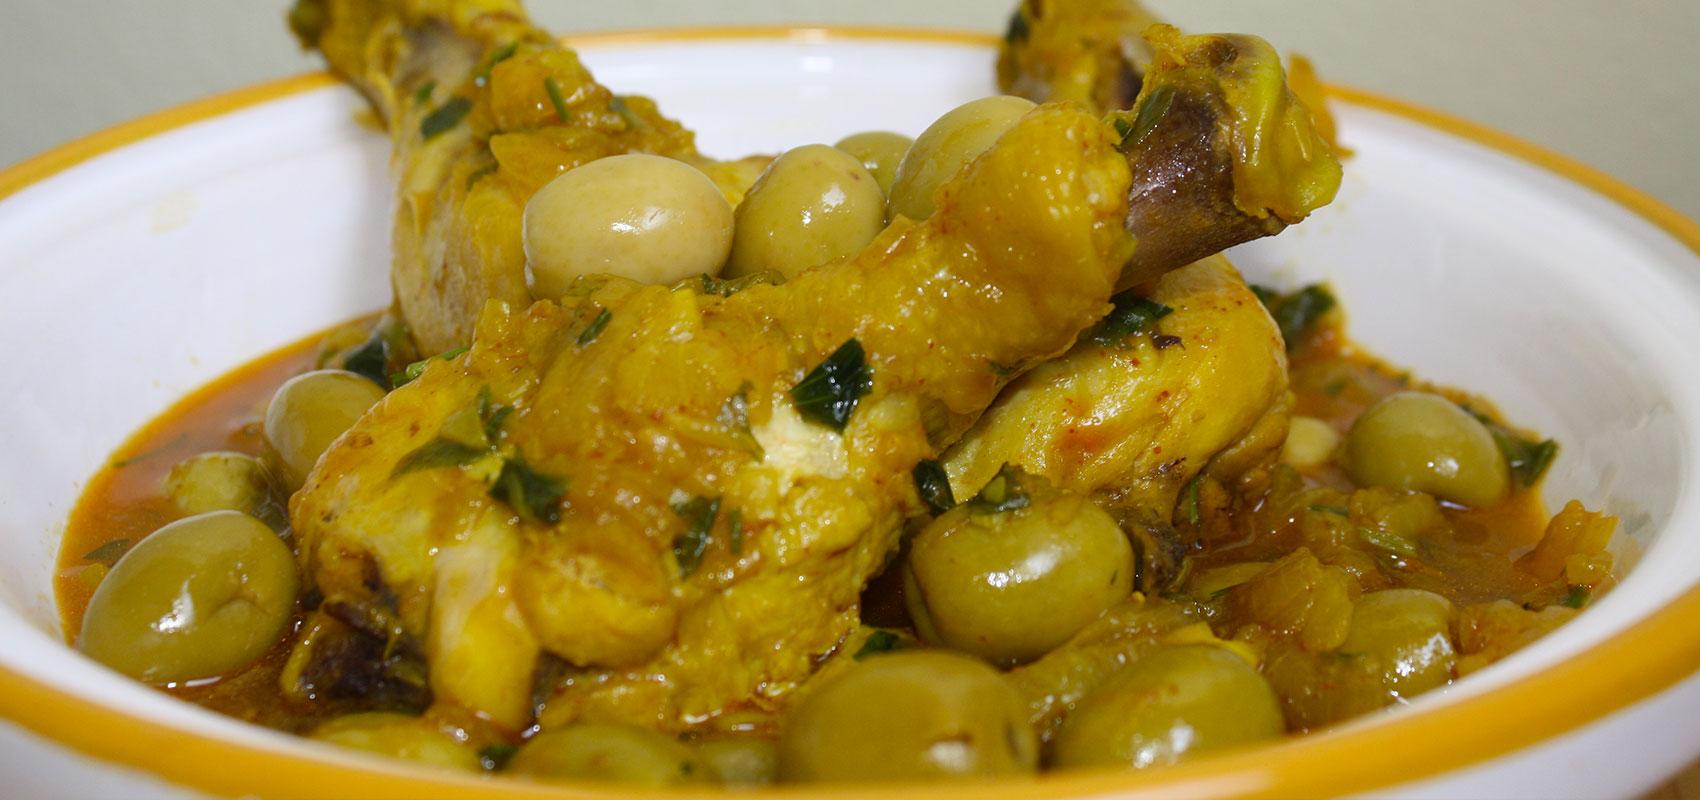 Recette tajine de poulet aux olives recette marocaine - Recette de cuisine algerienne traditionnelle ...